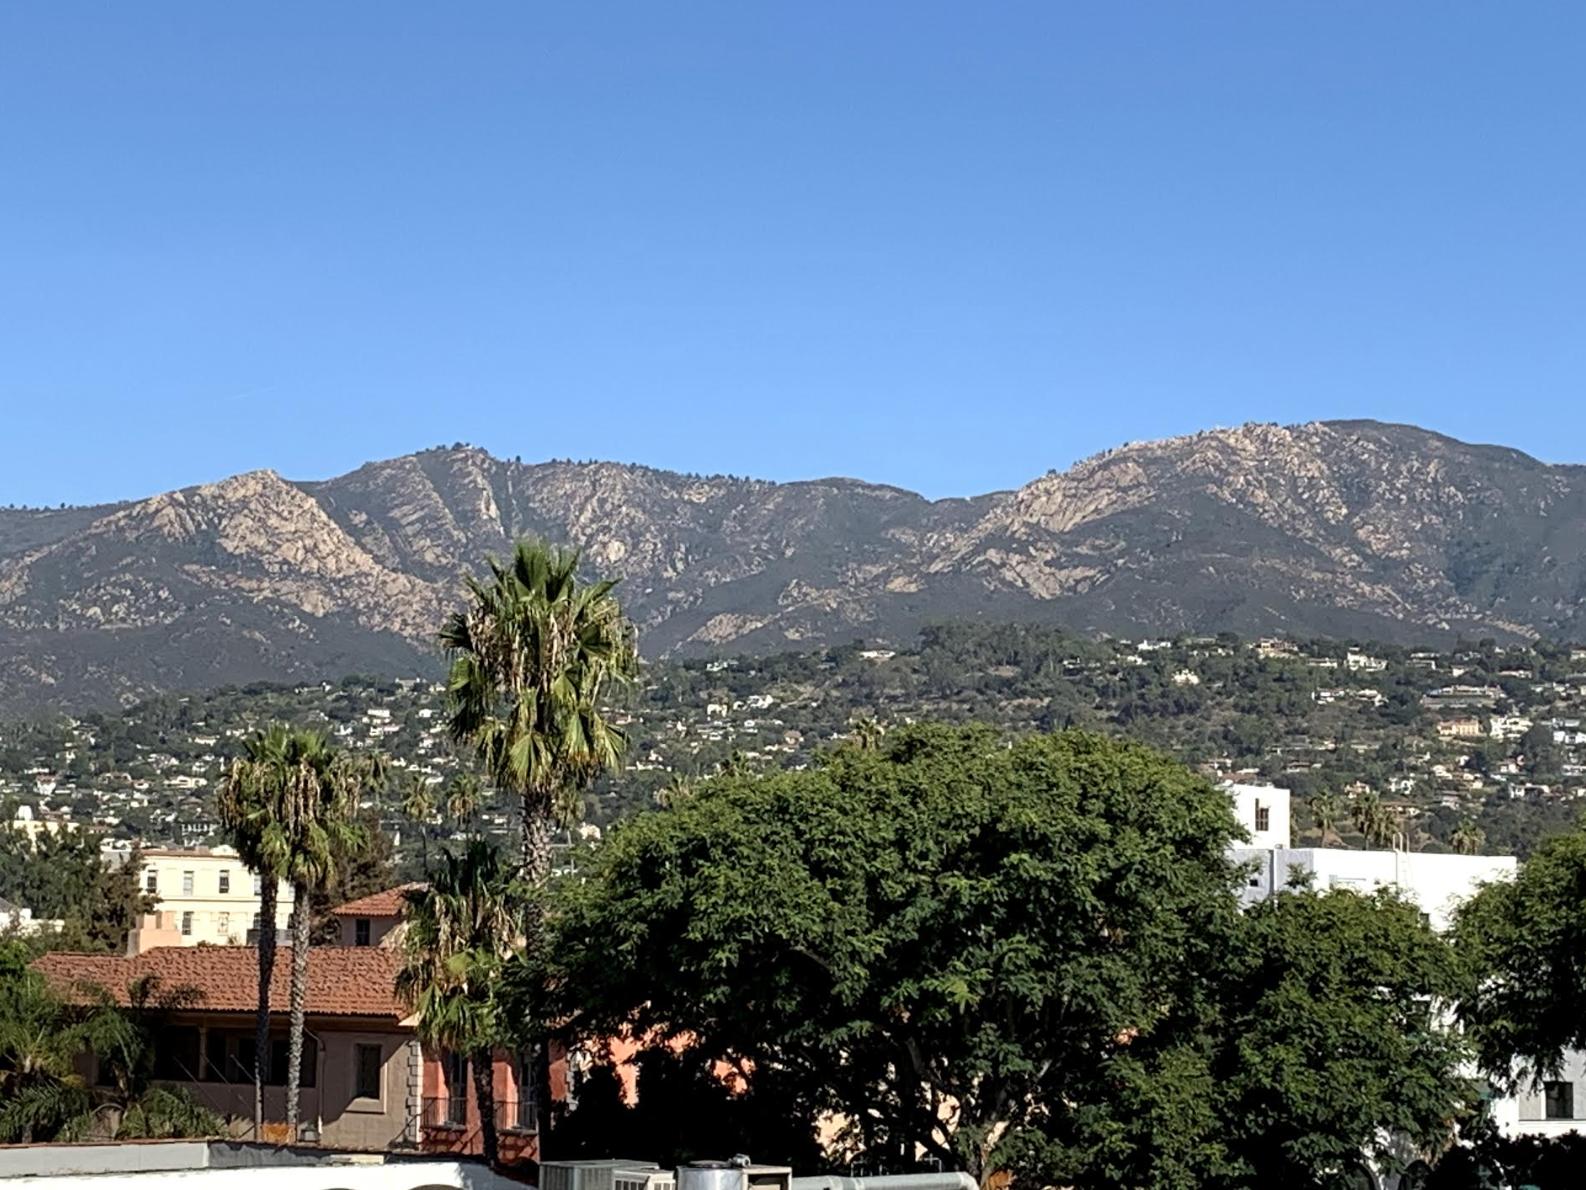 Santa Barbara View